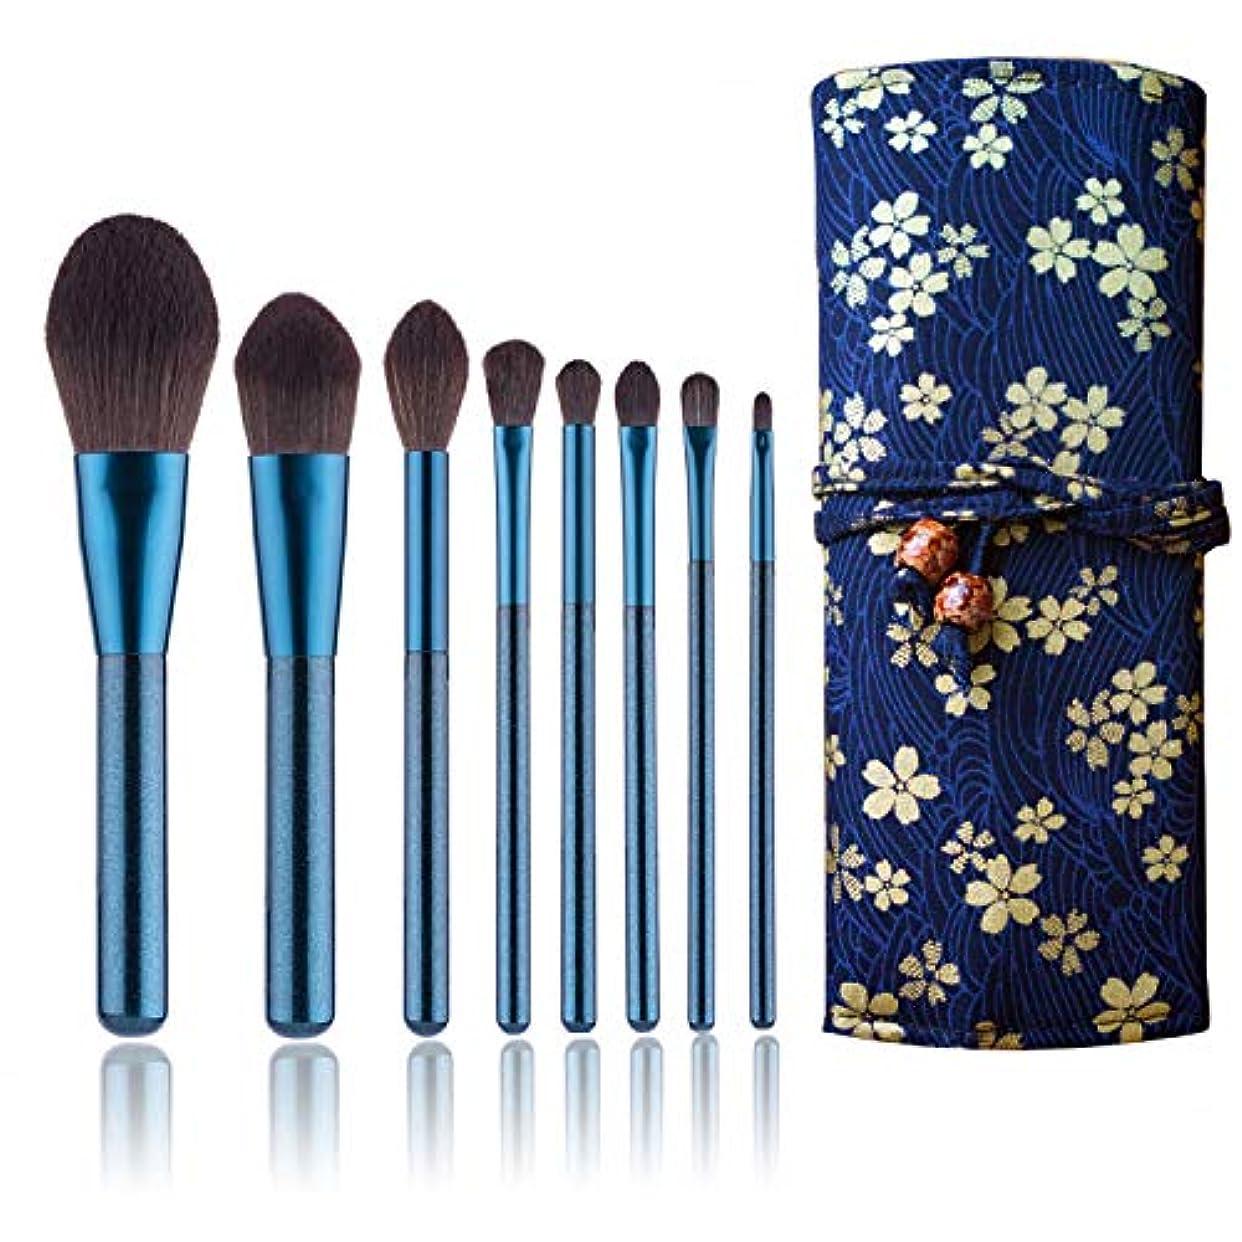 死傷者木材皿ZOE·Y メイクブラシ 8本セット 化粧ブラシ 柔らかい 化粧筆 可愛い 化粧ポーチ付き 携帯便利 誕生日プレゼントゃギフトにもおすすめ makeup brushes